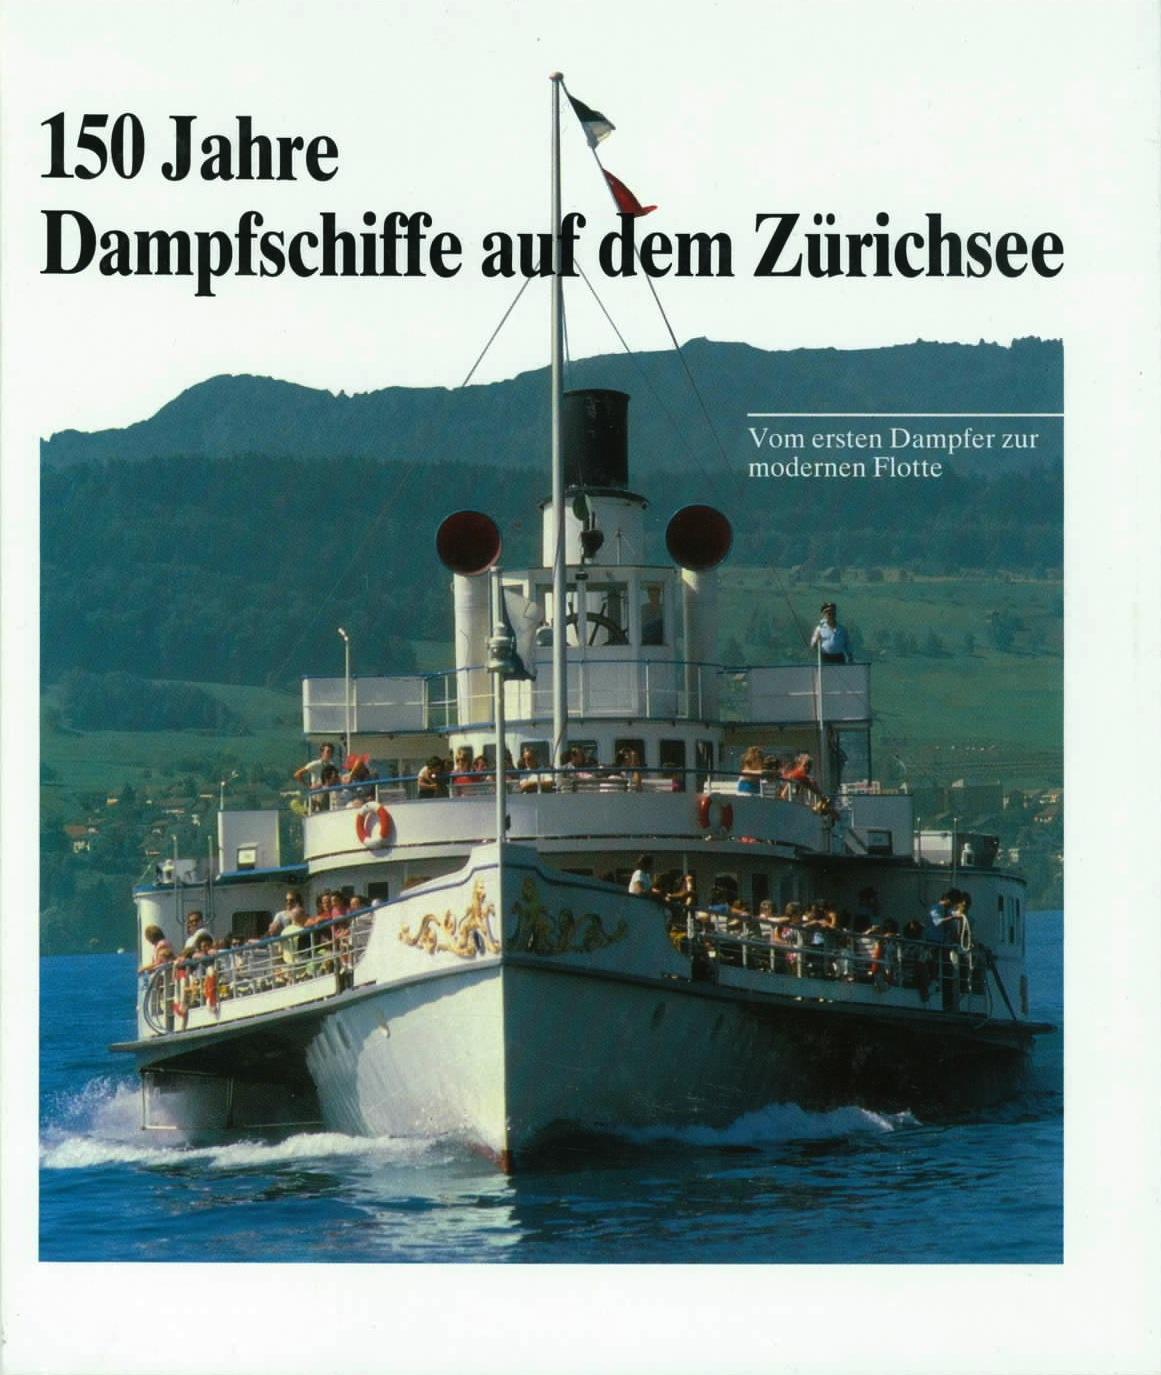 150_Jahre_Dampfs_4ffea2116f931.jpg